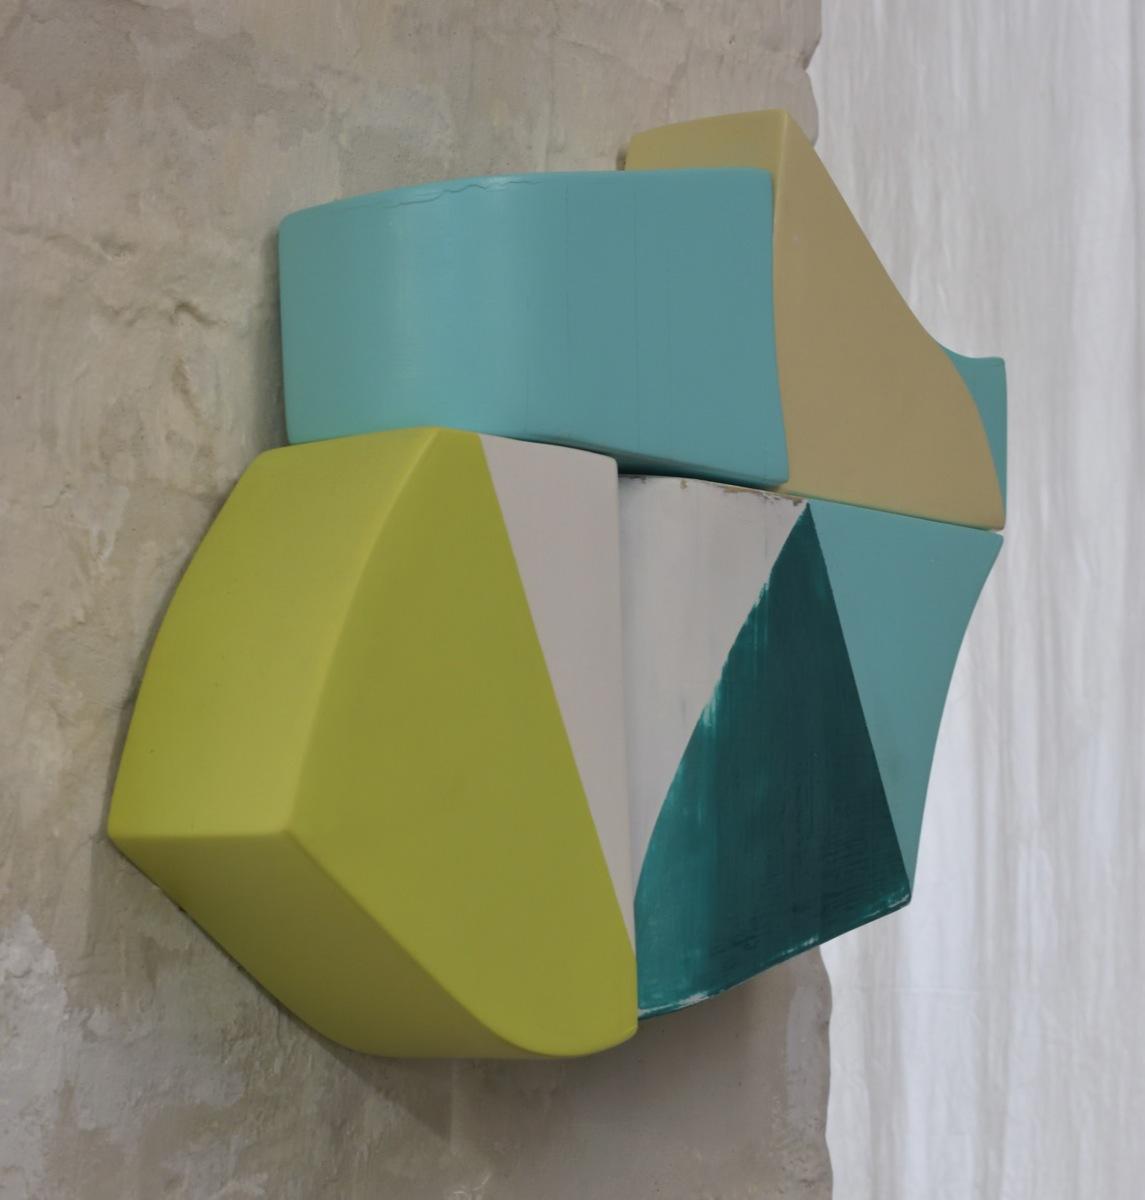 Mobile, Acrylfarbe, Holz